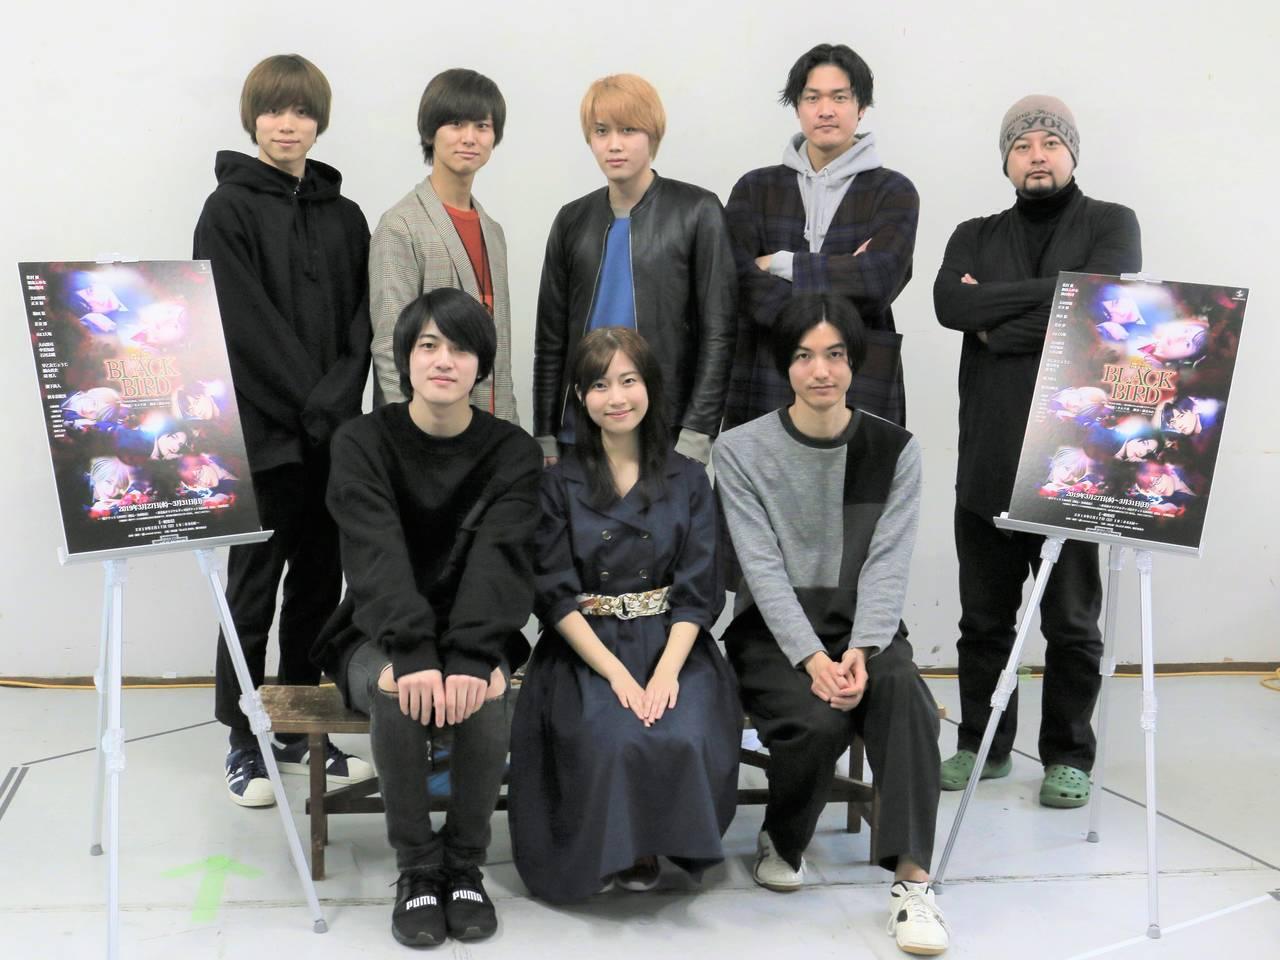 松村優、太田将熙、碕理人ら出演の舞台『BLACK BIRD』 稽古場インタビューが到着! 画像